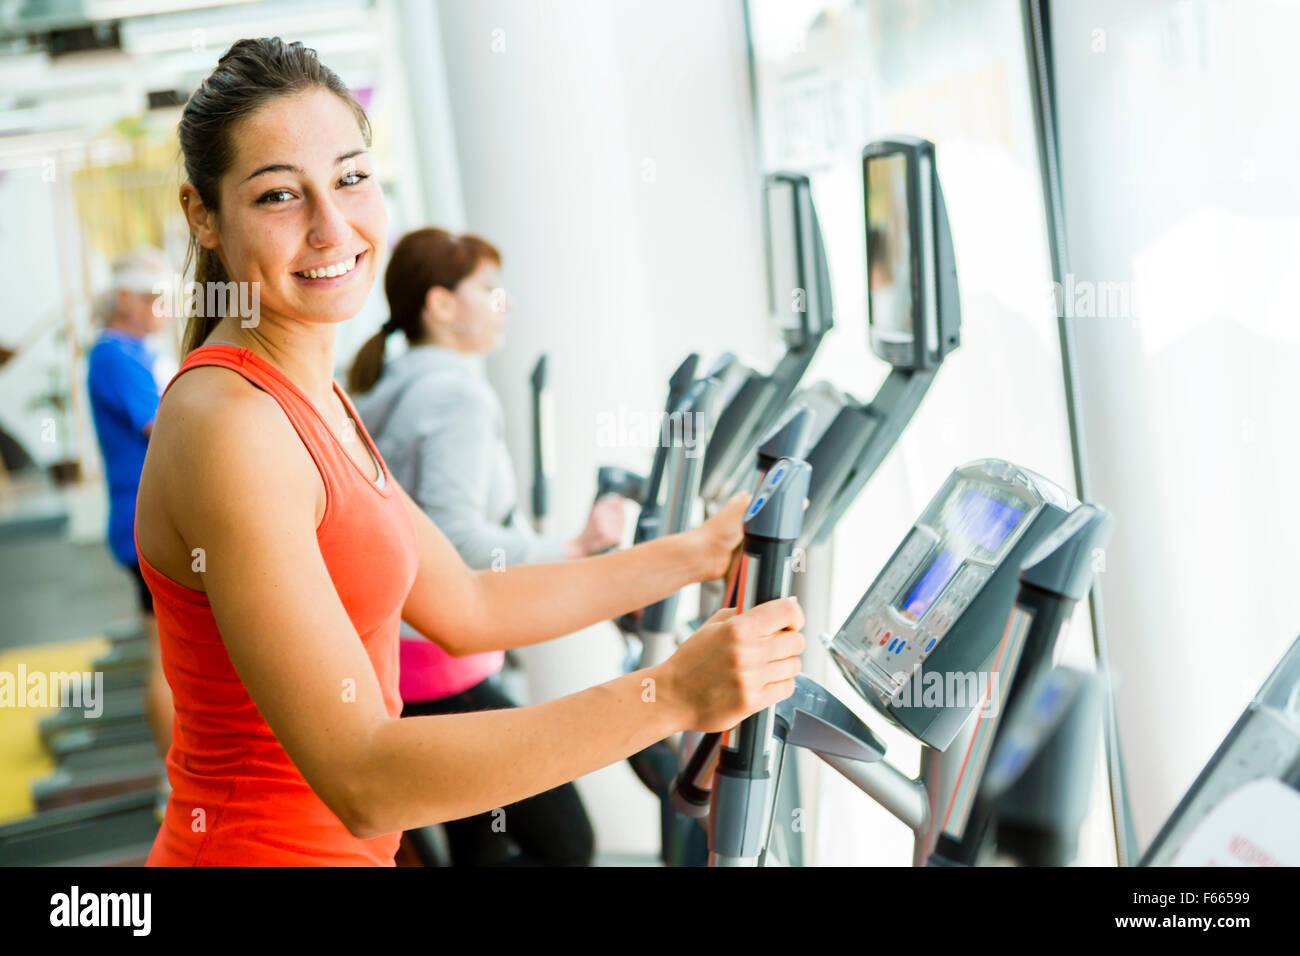 Jeune femme fit à l'aide d'un entraîneur elliptique dans un centre de remise en forme et souriant Photo Stock